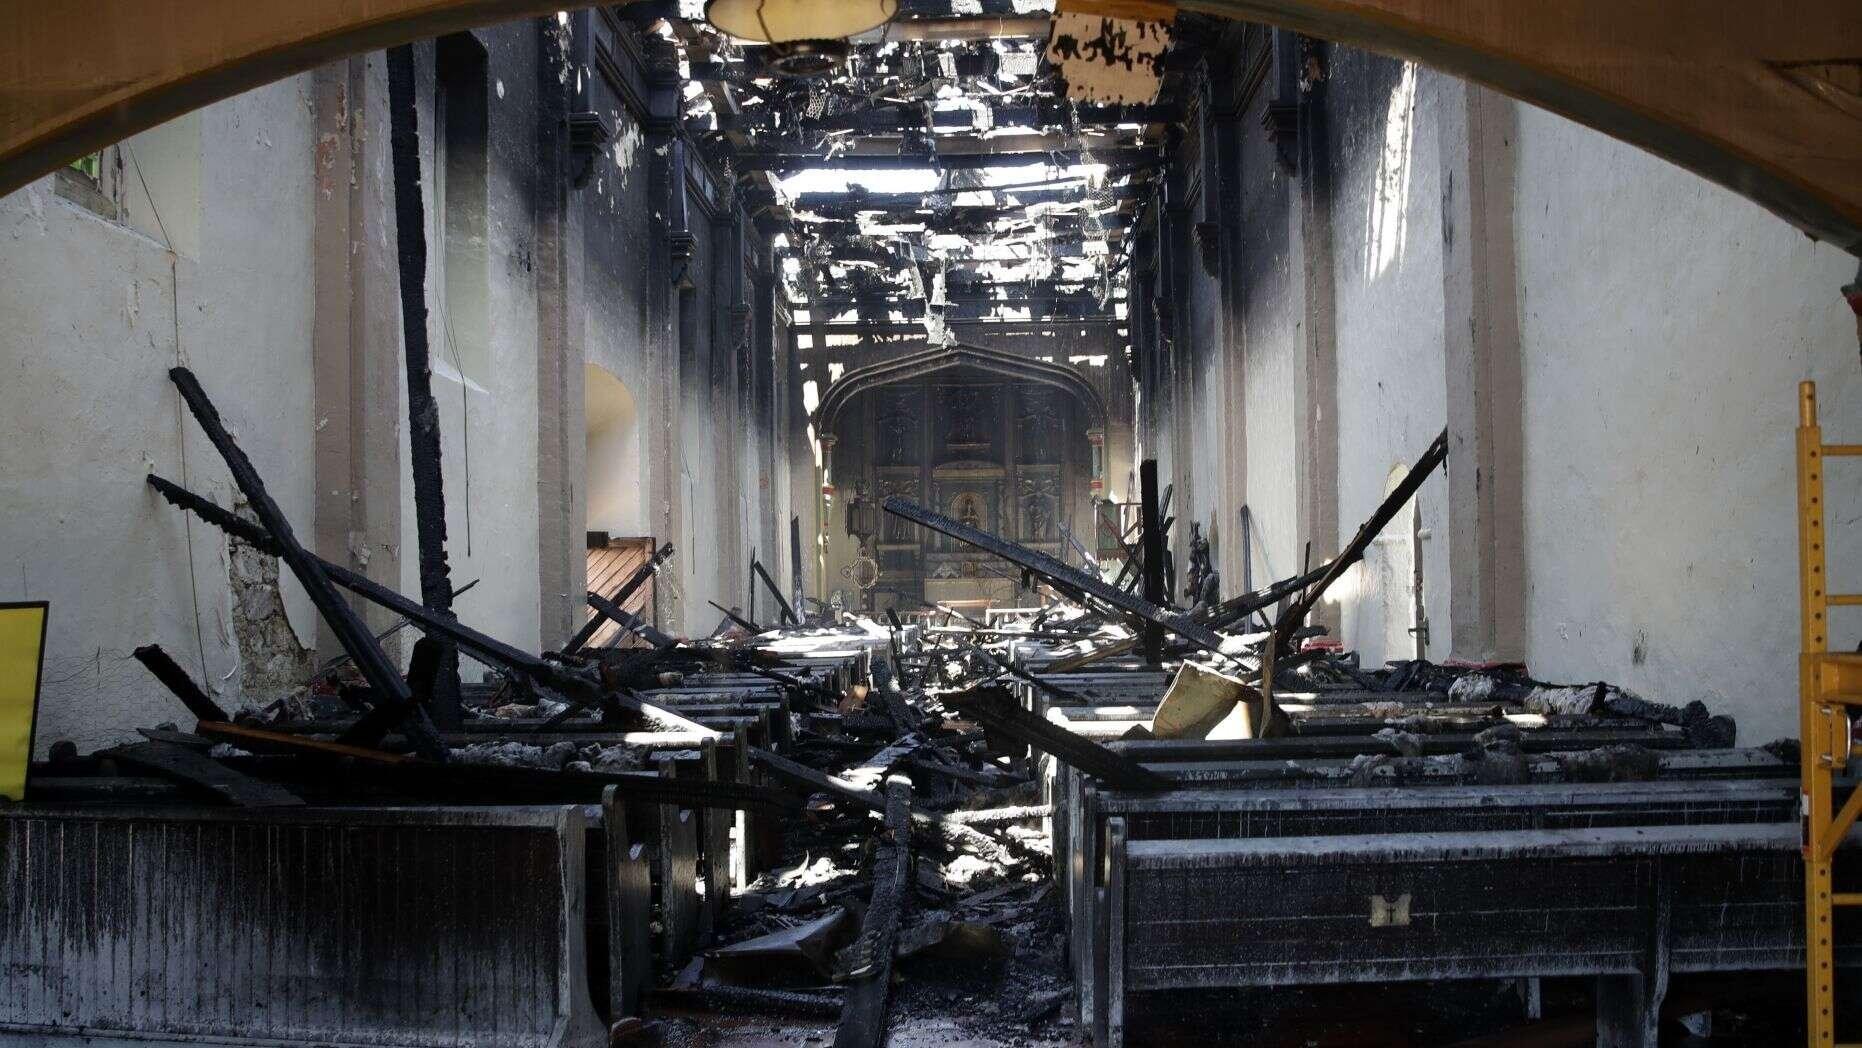 Igrejas são queimadas e vandalizadas em várias partes dos EUA